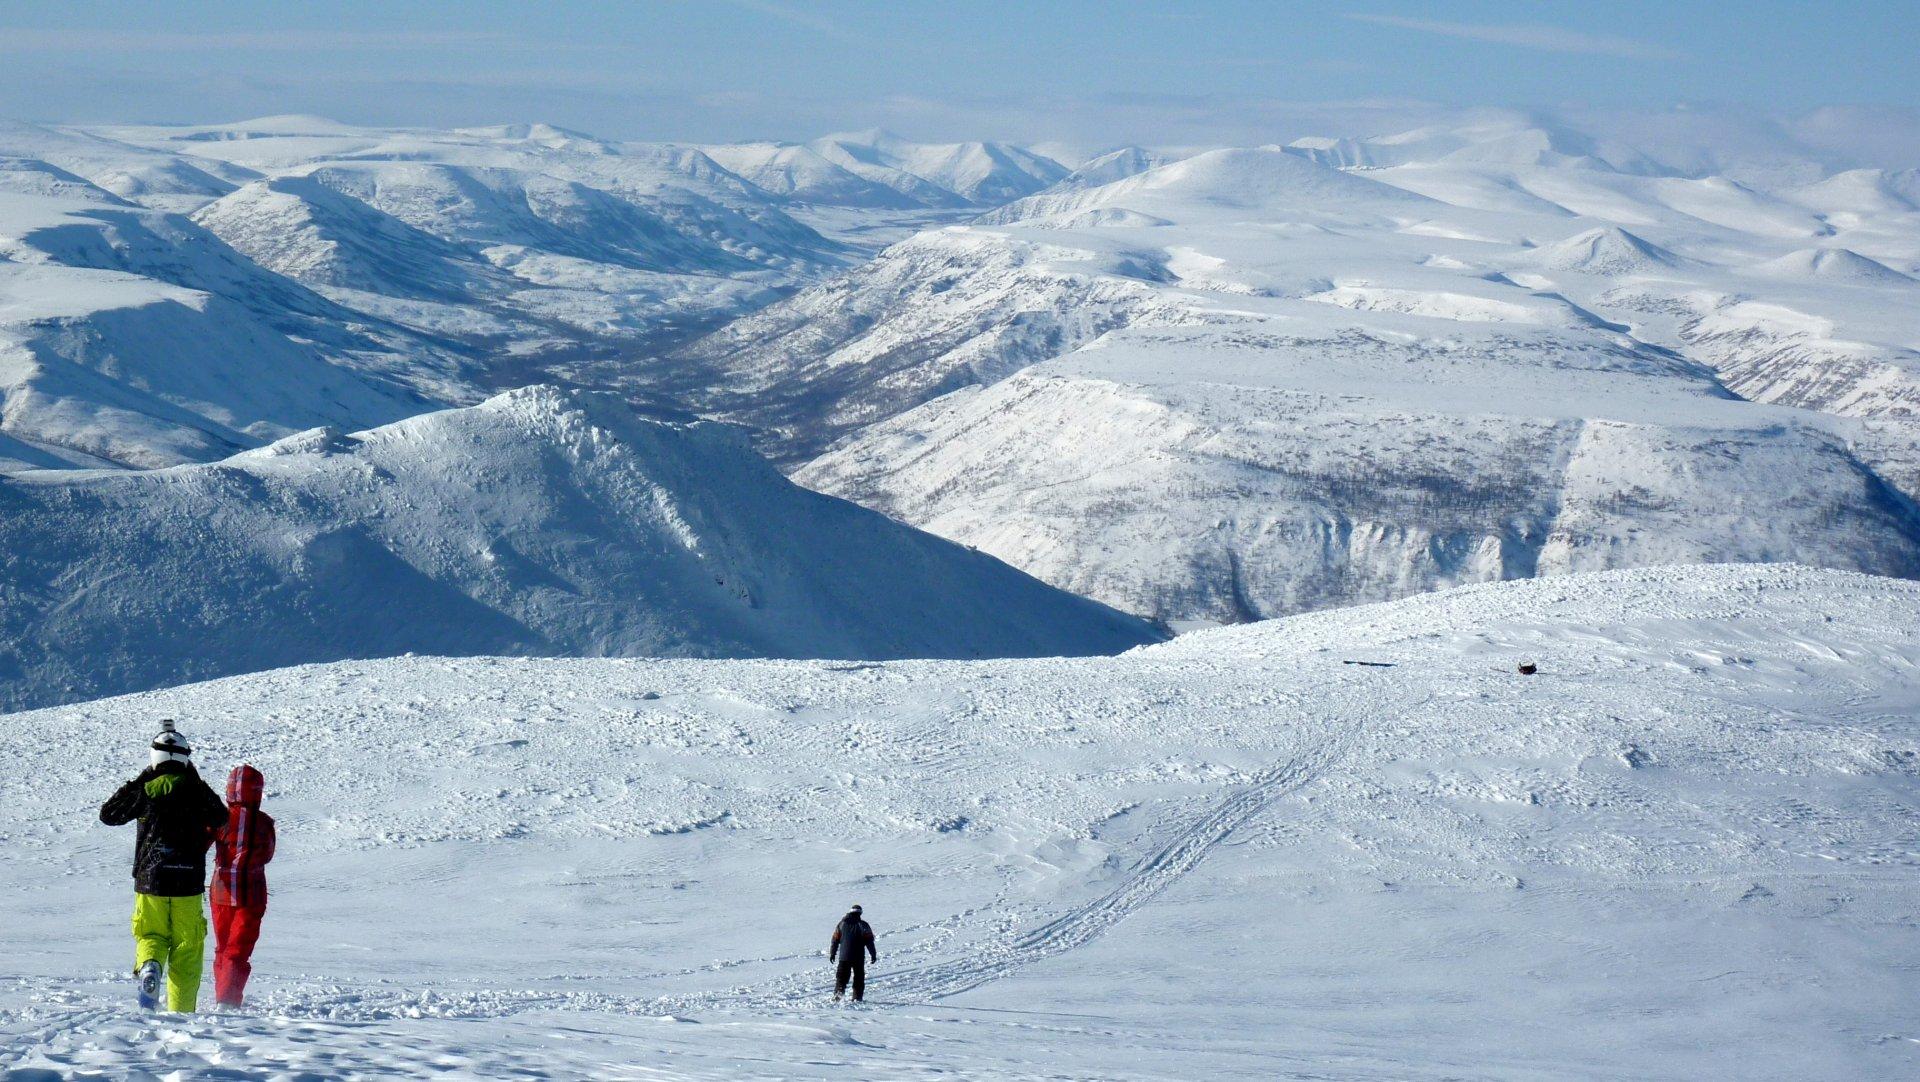 В черте Петропавловска-Камчатского расположена горнолыжная база Красная  сопка, которой ежедневно отдают предпочтение любители горных лыж и  сноуборда. 5928a19f4cb